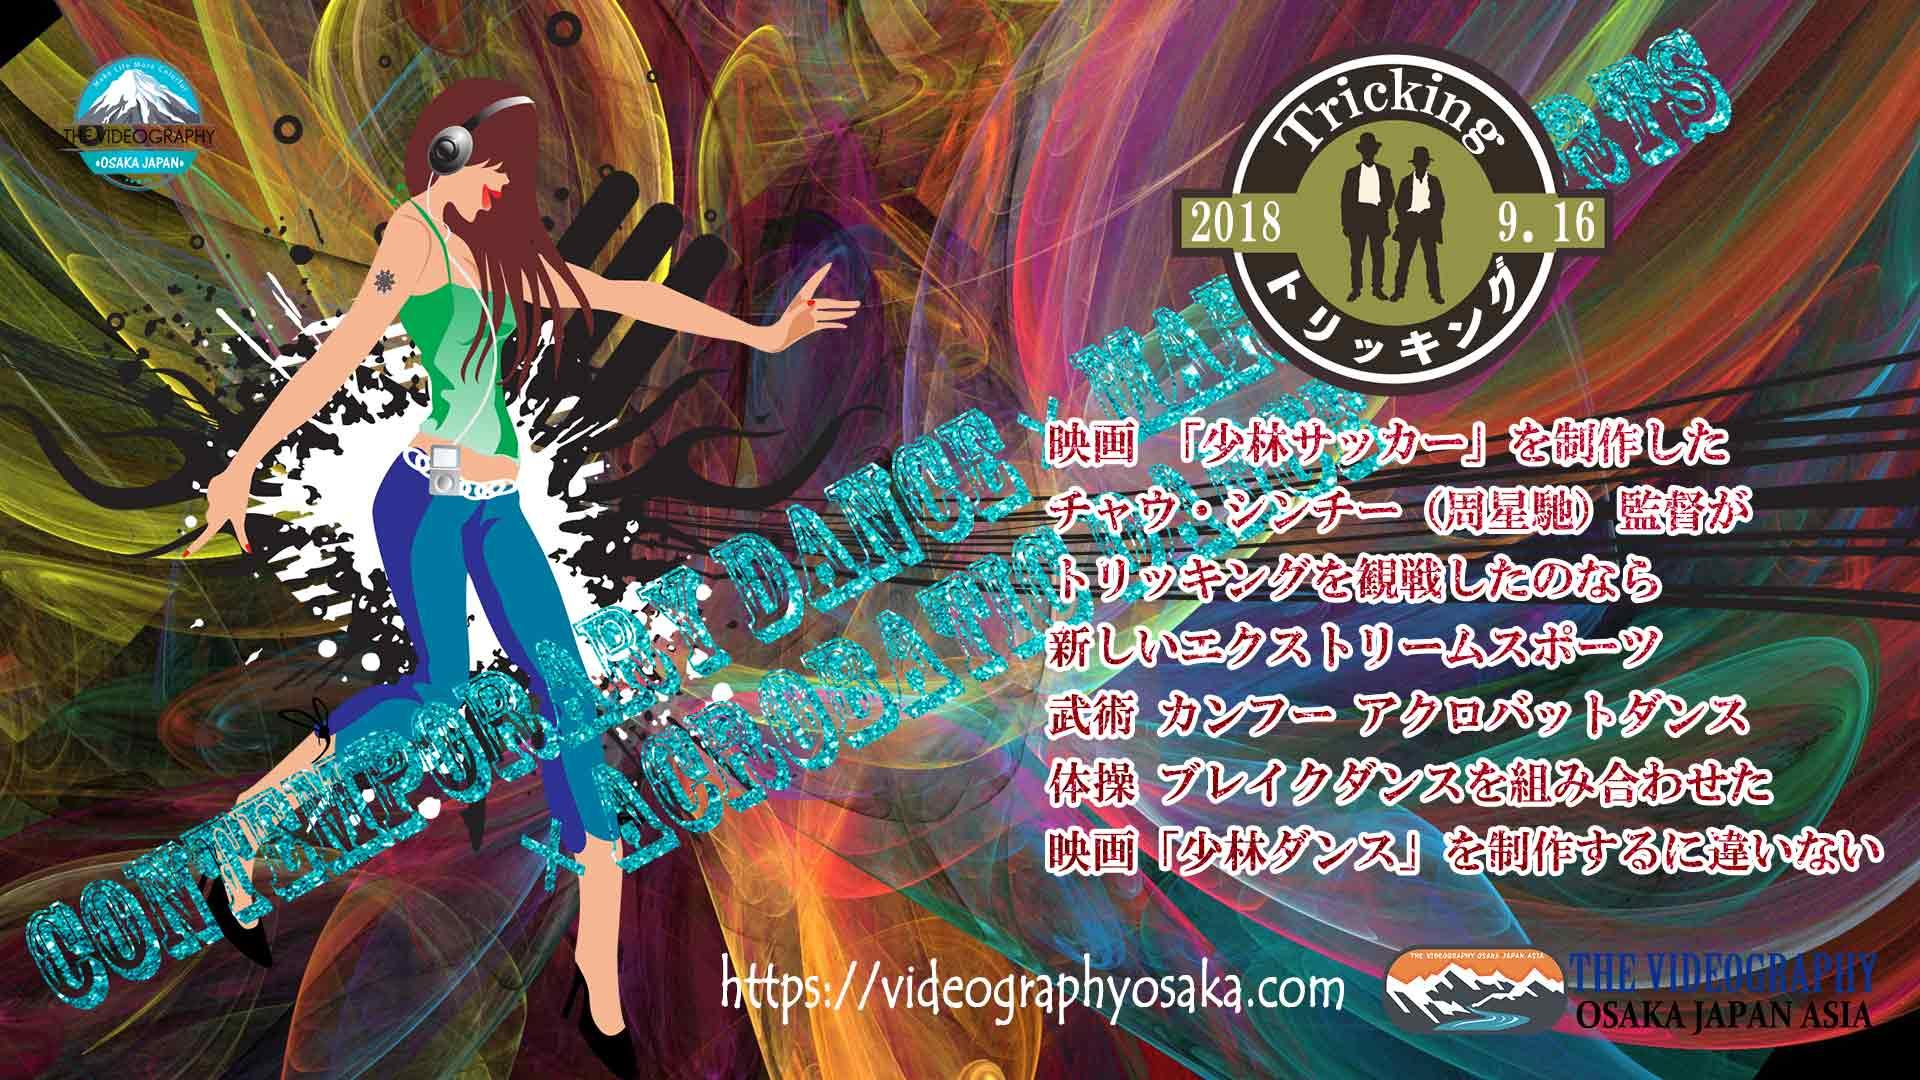 エクストリームスポーツ・「コンテンポラリー・マーシャルアーツ・ダンス」 武道×少林寺×体操×ダンス=トリッキングバトルを世界へライブ配信/動画生中継を担当@神戸ハーバーランド